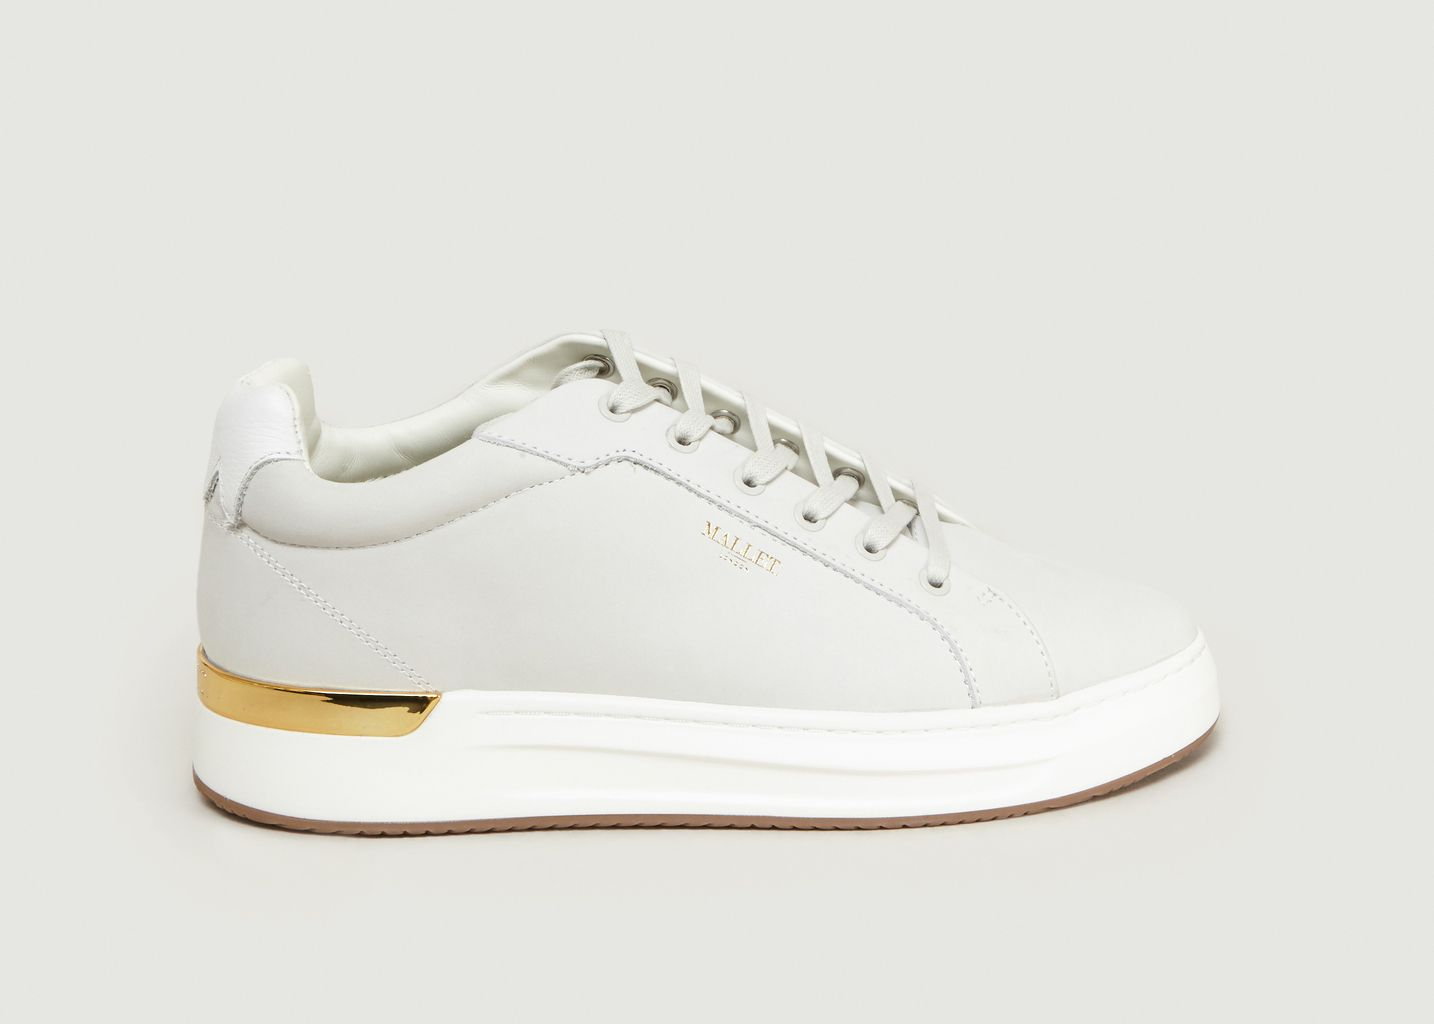 GRFTR Trainers White Mallet Footwear